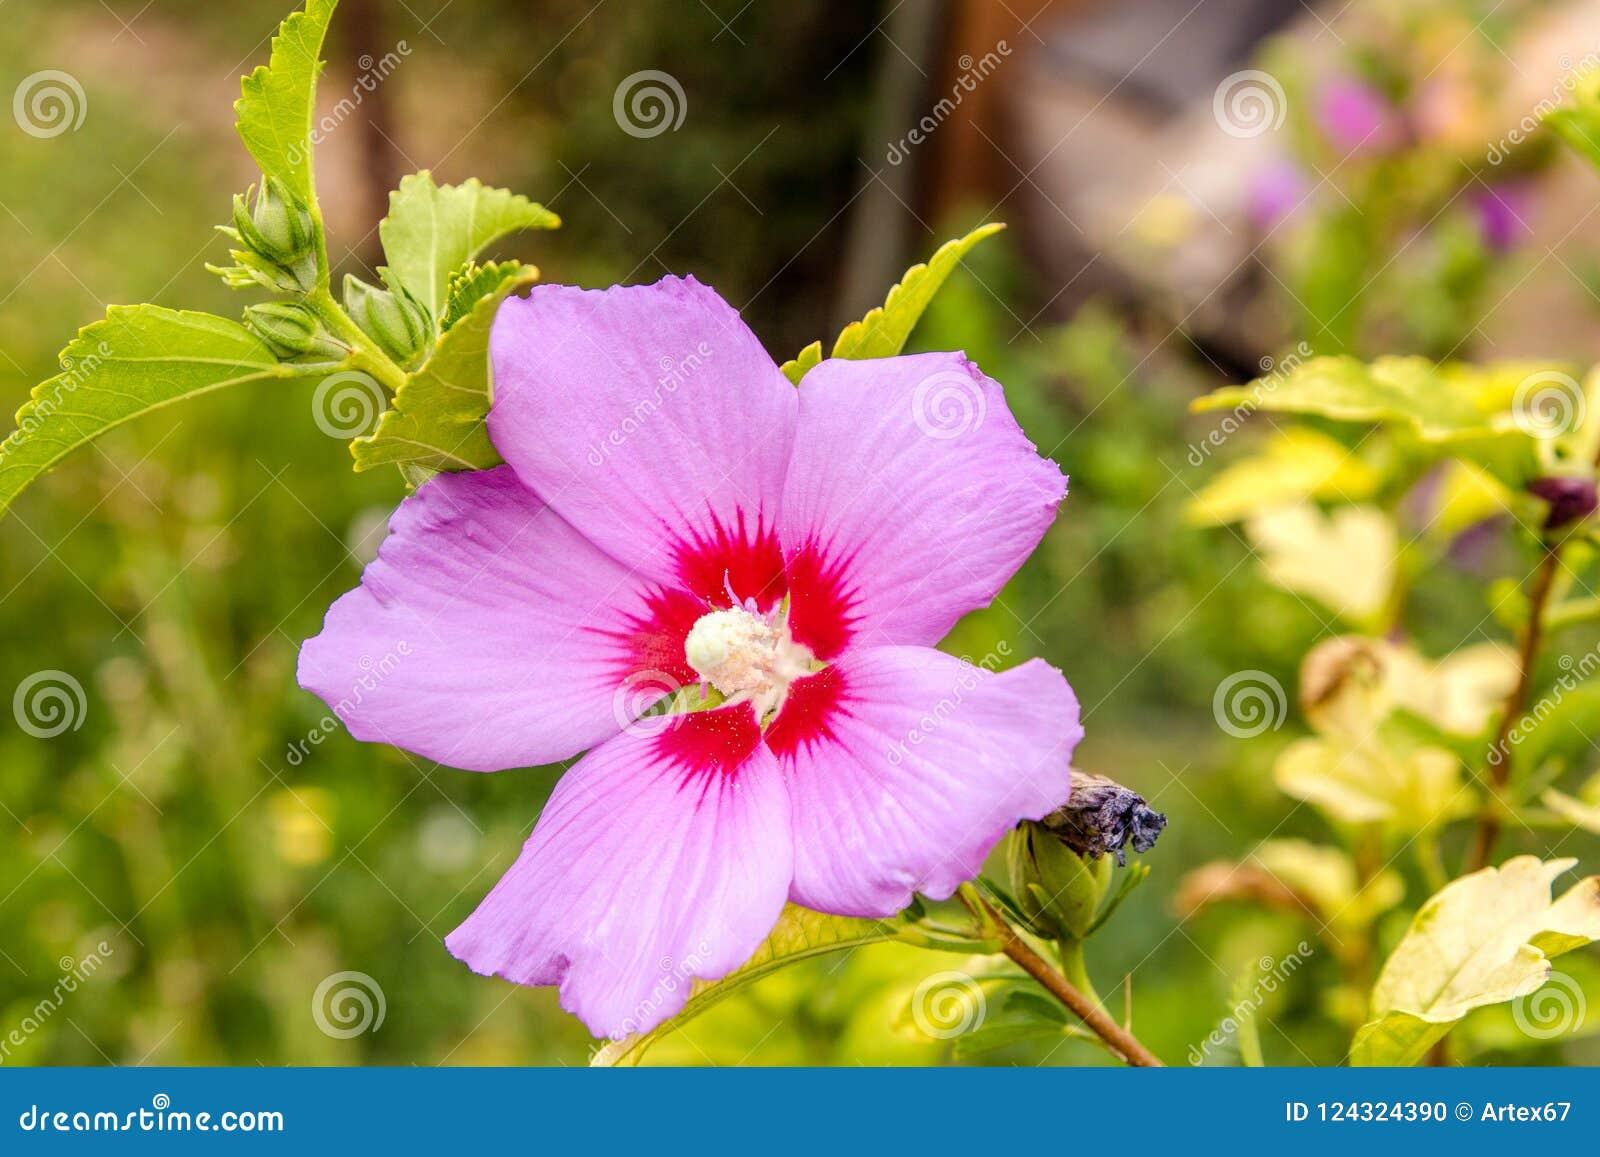 Beautiful Flower Chinese Hibiscus Purple Stock Photo Image Of